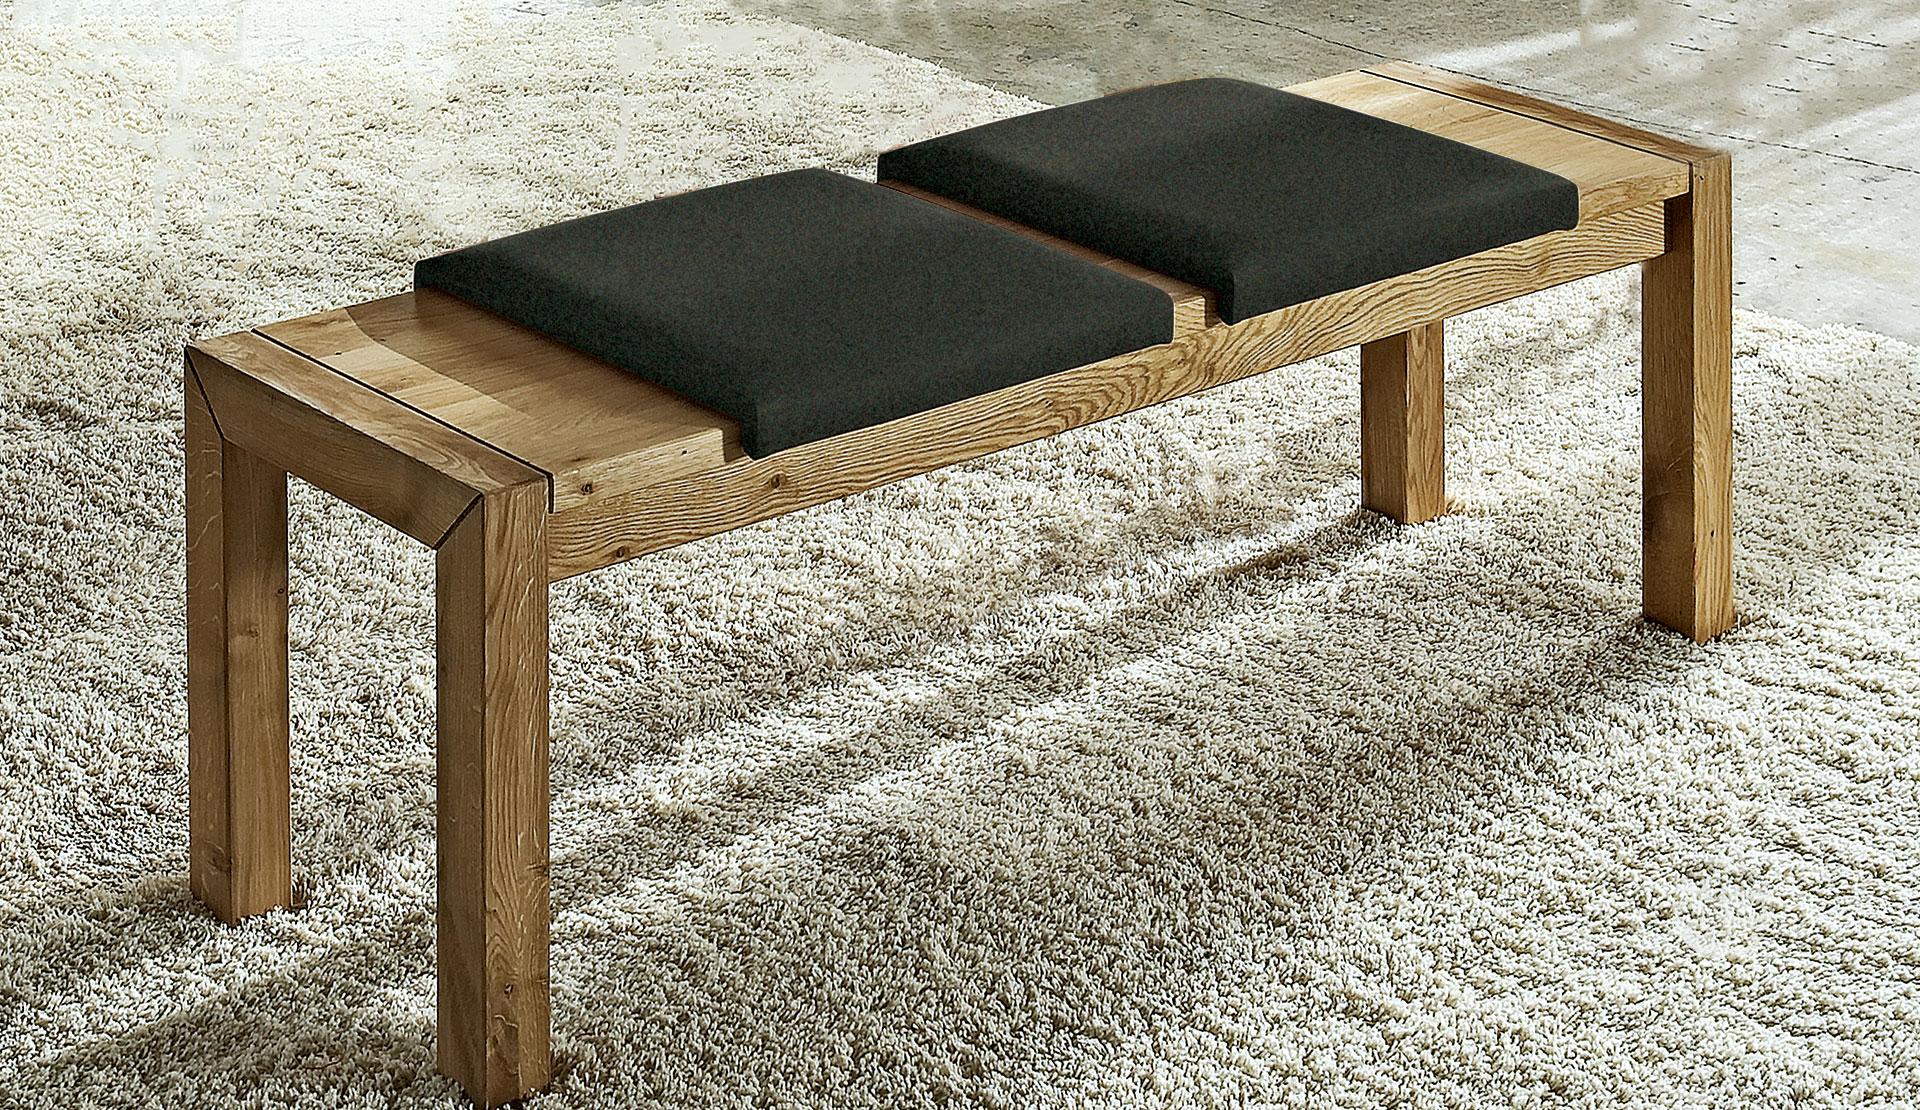 klemmkissen selber machen. Black Bedroom Furniture Sets. Home Design Ideas